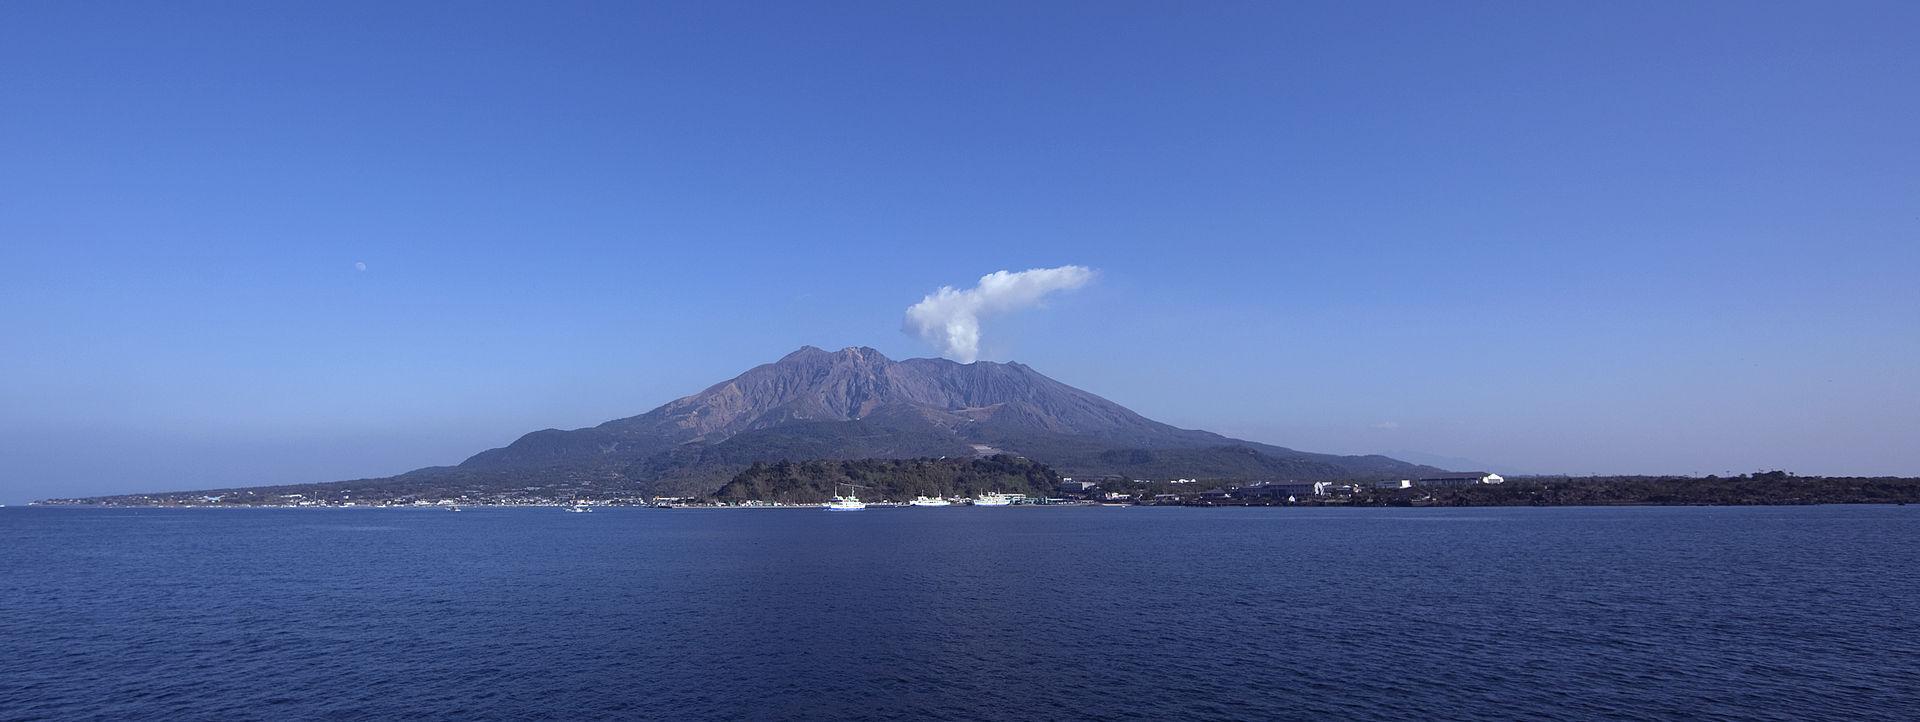 巨大噴火の確率1パーセント、その影響は?